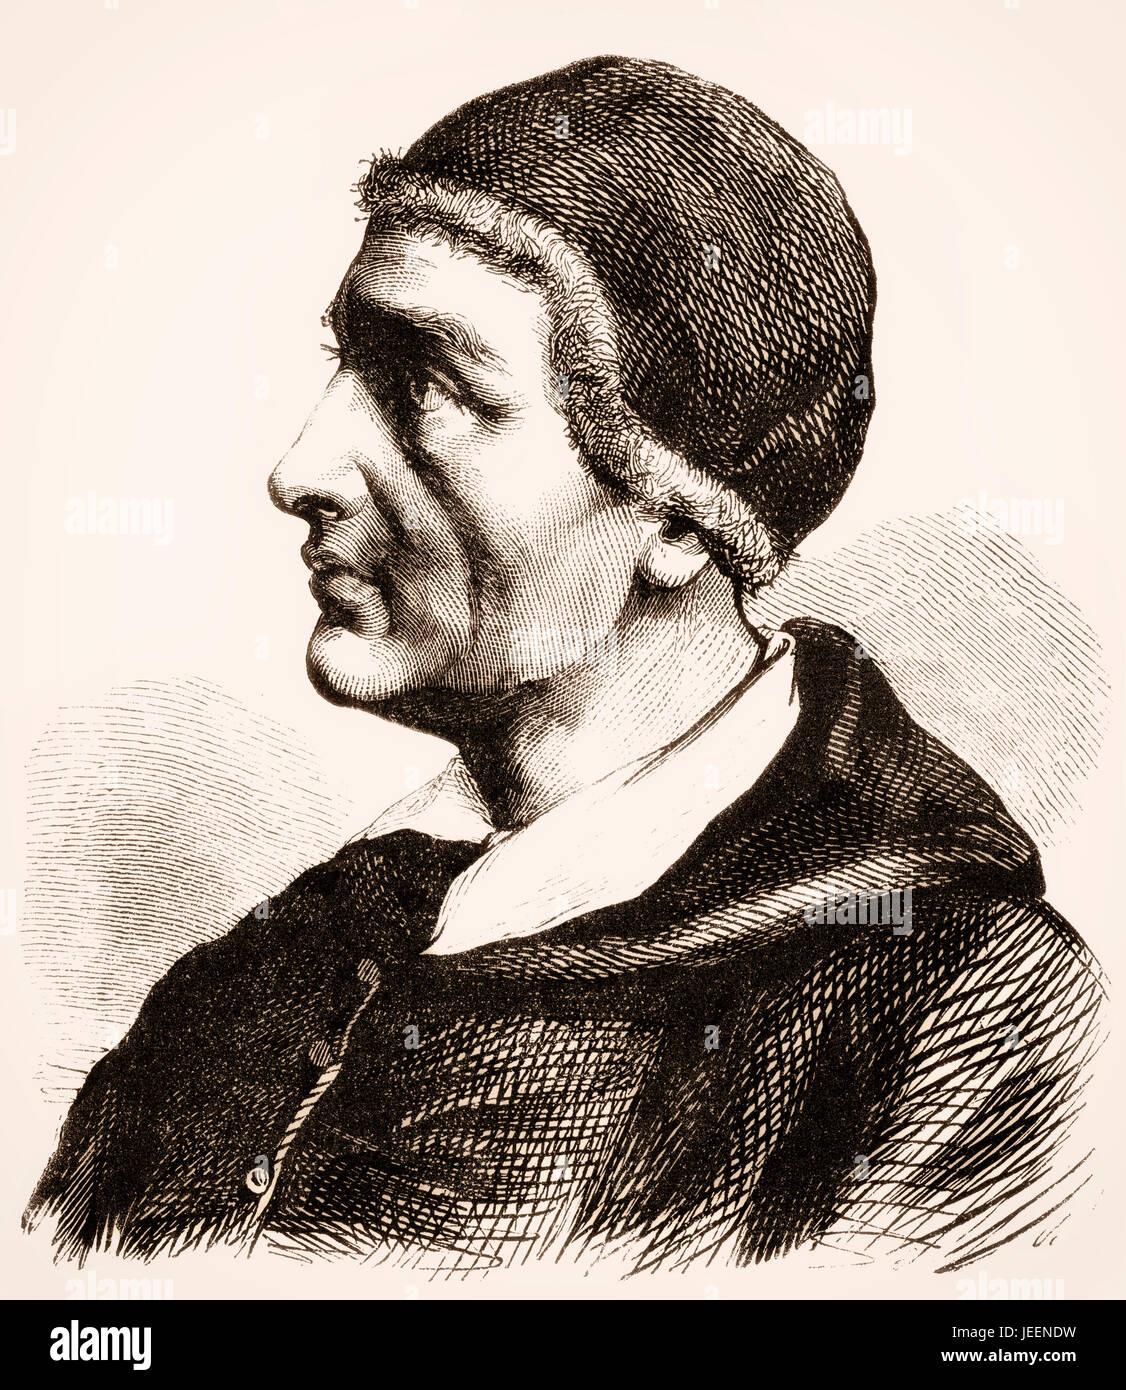 Papa Innocenzo I, servita come la chiesa cattolica papa da 401 fino alla sua morte nel 417 Immagini Stock